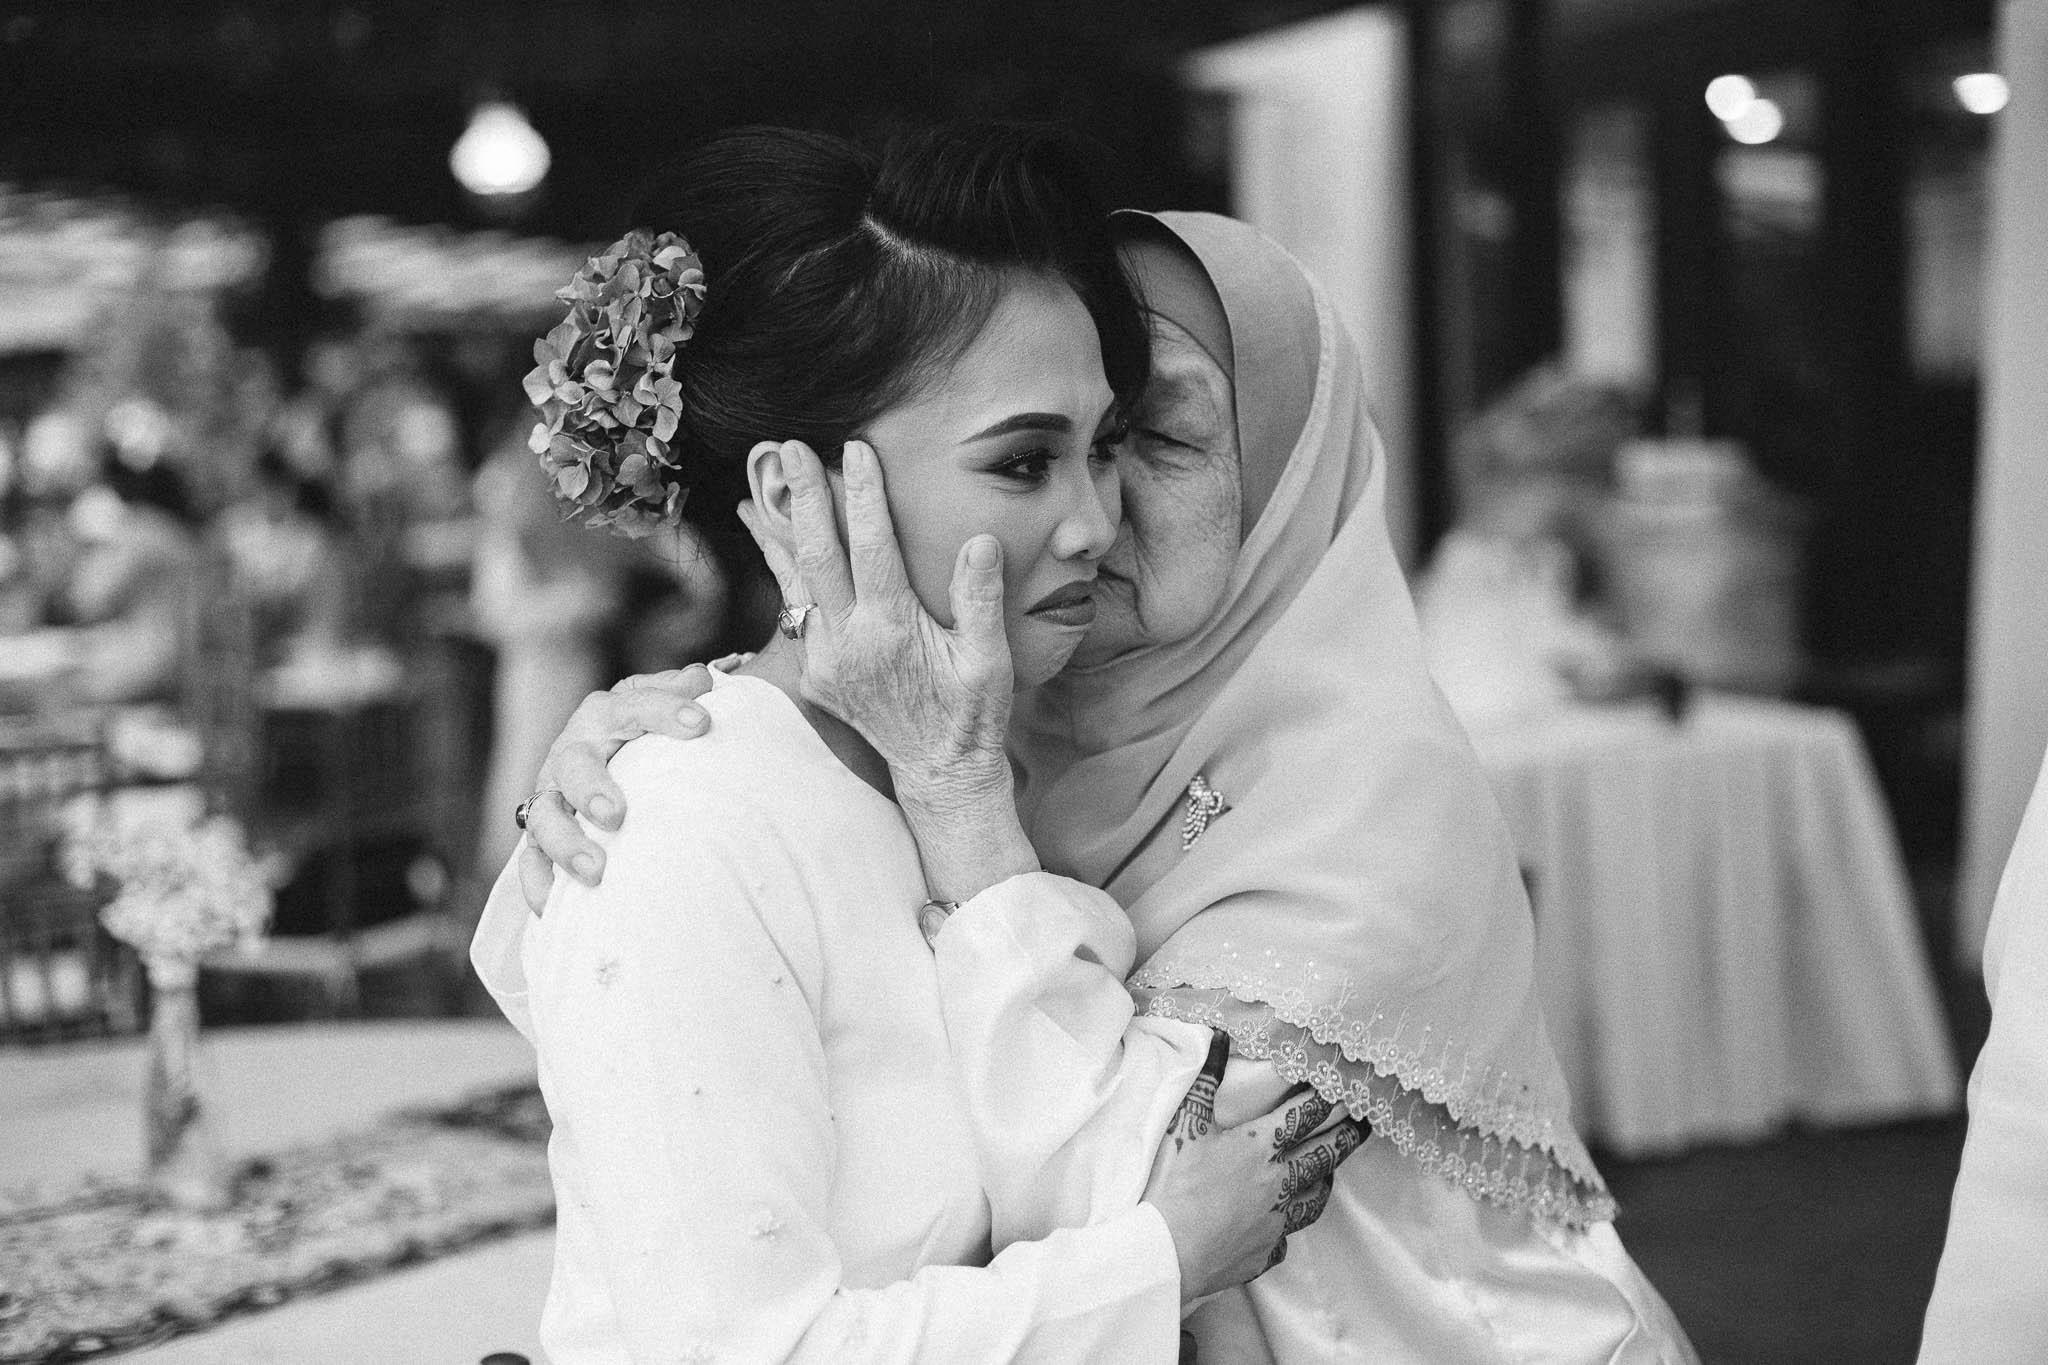 singapore-wedding-photographer-wemadethese-bw-008.jpg